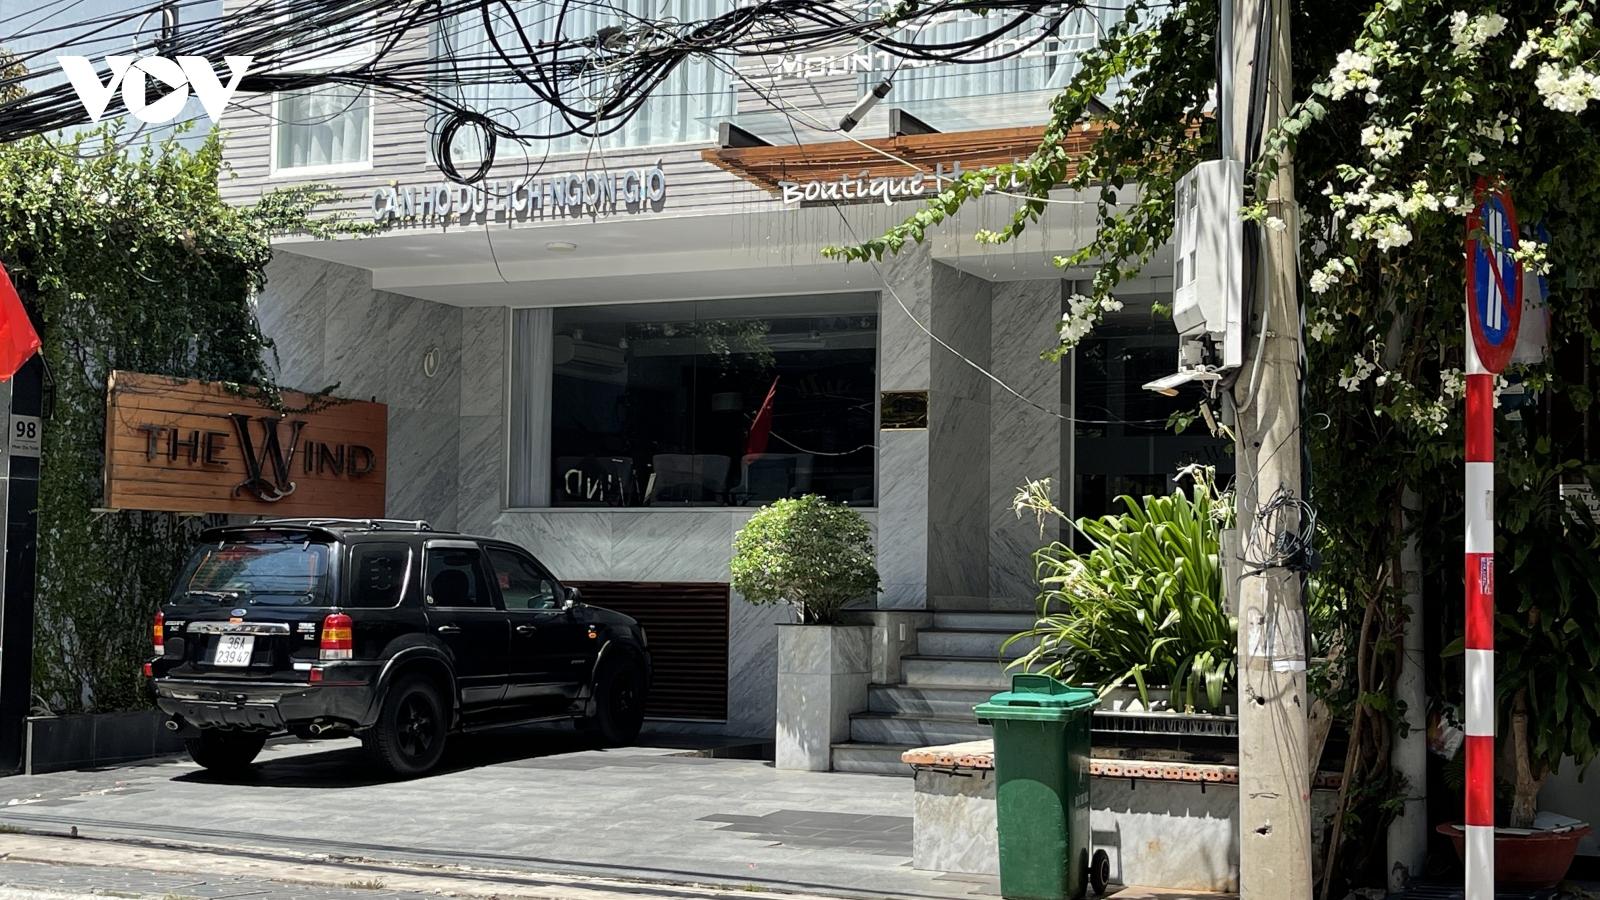 Gỡ bỏ phong toả 1 khách sạn ở Vũng Tàu